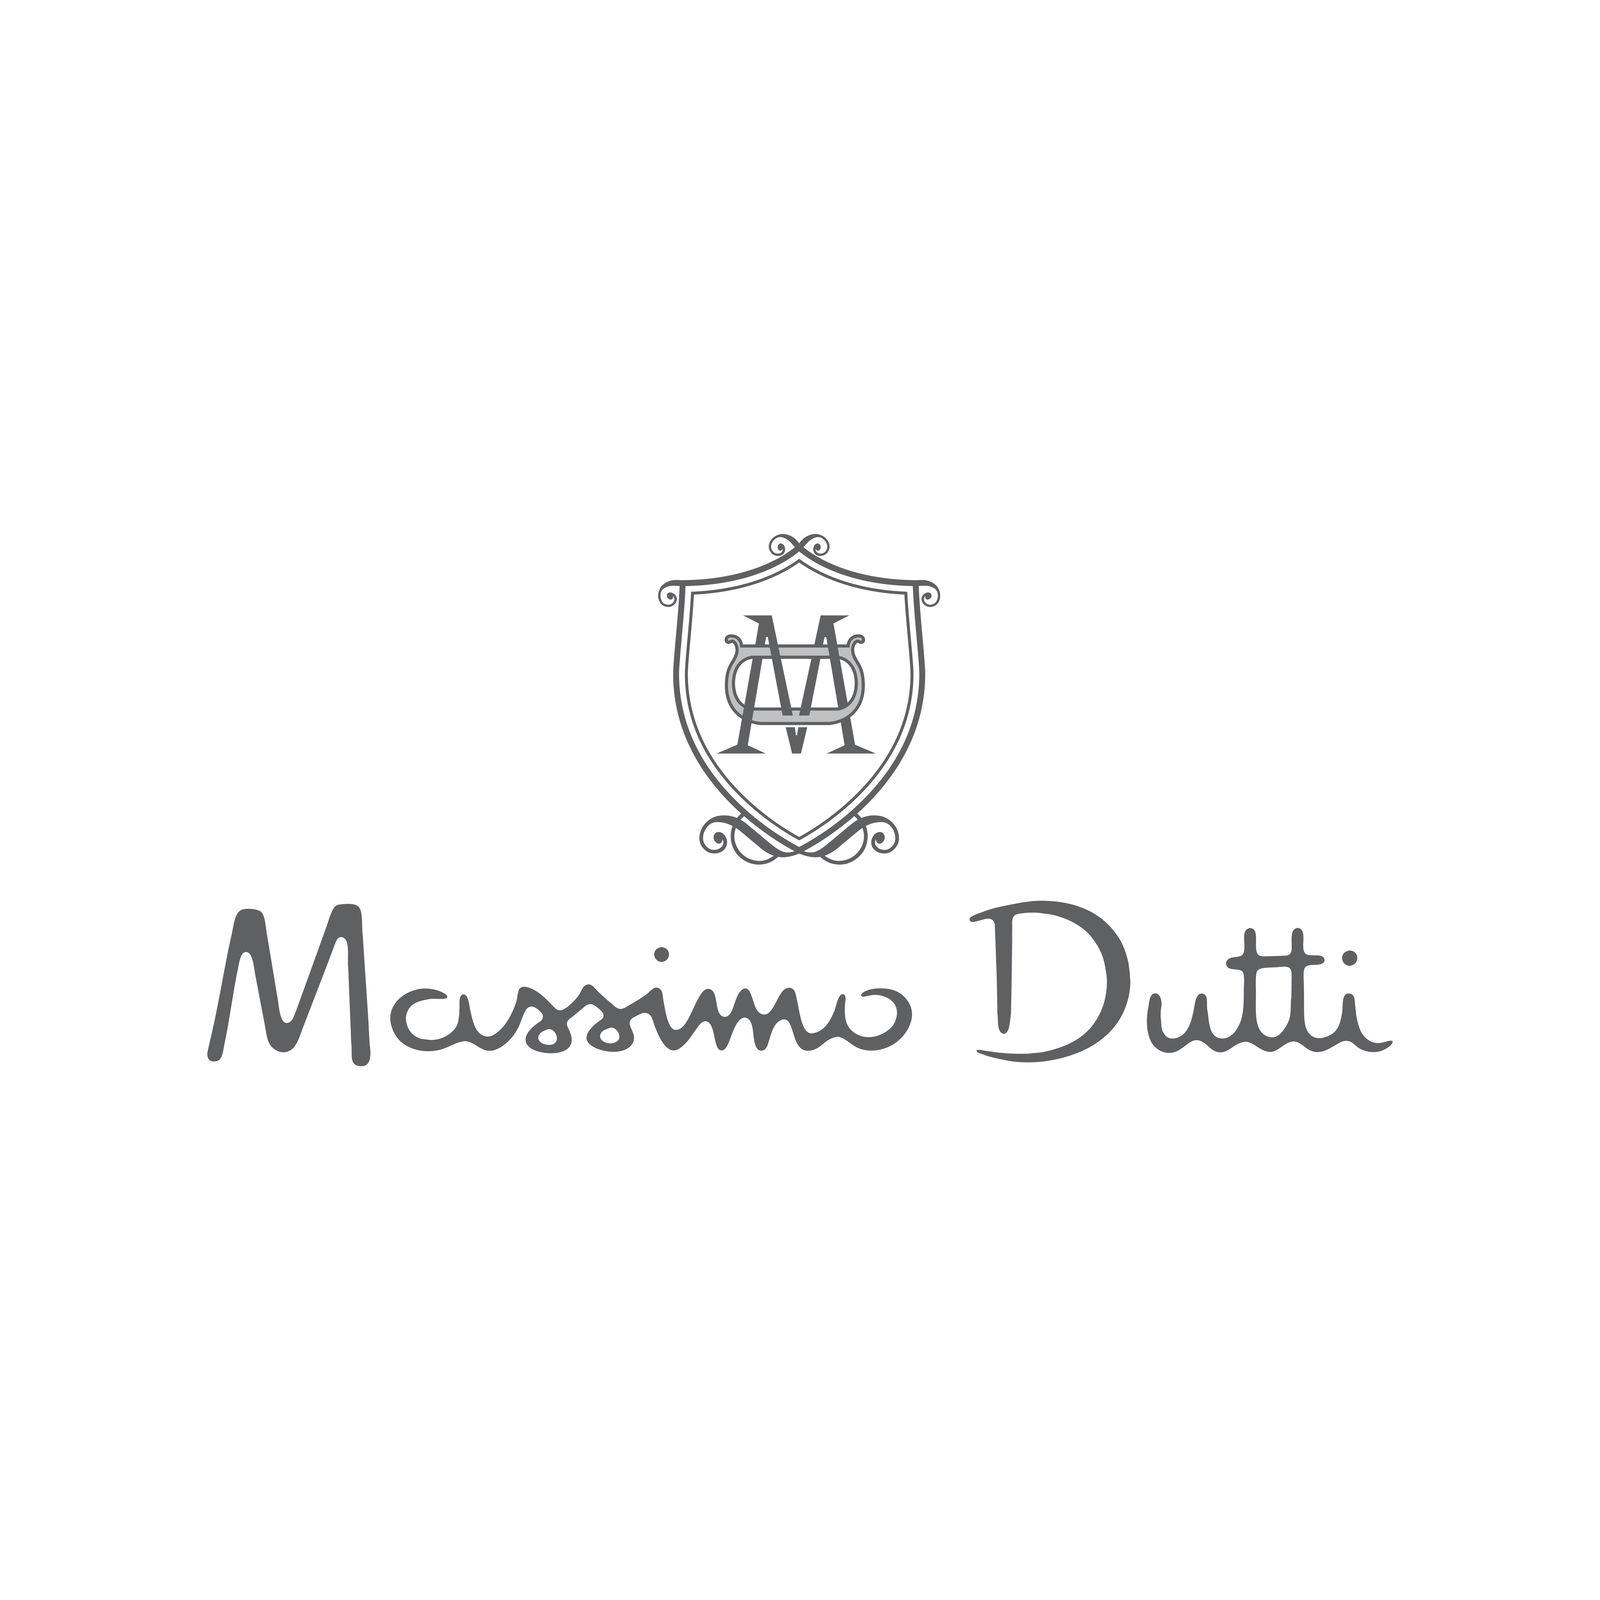 Massimo Dutti (Image 1)